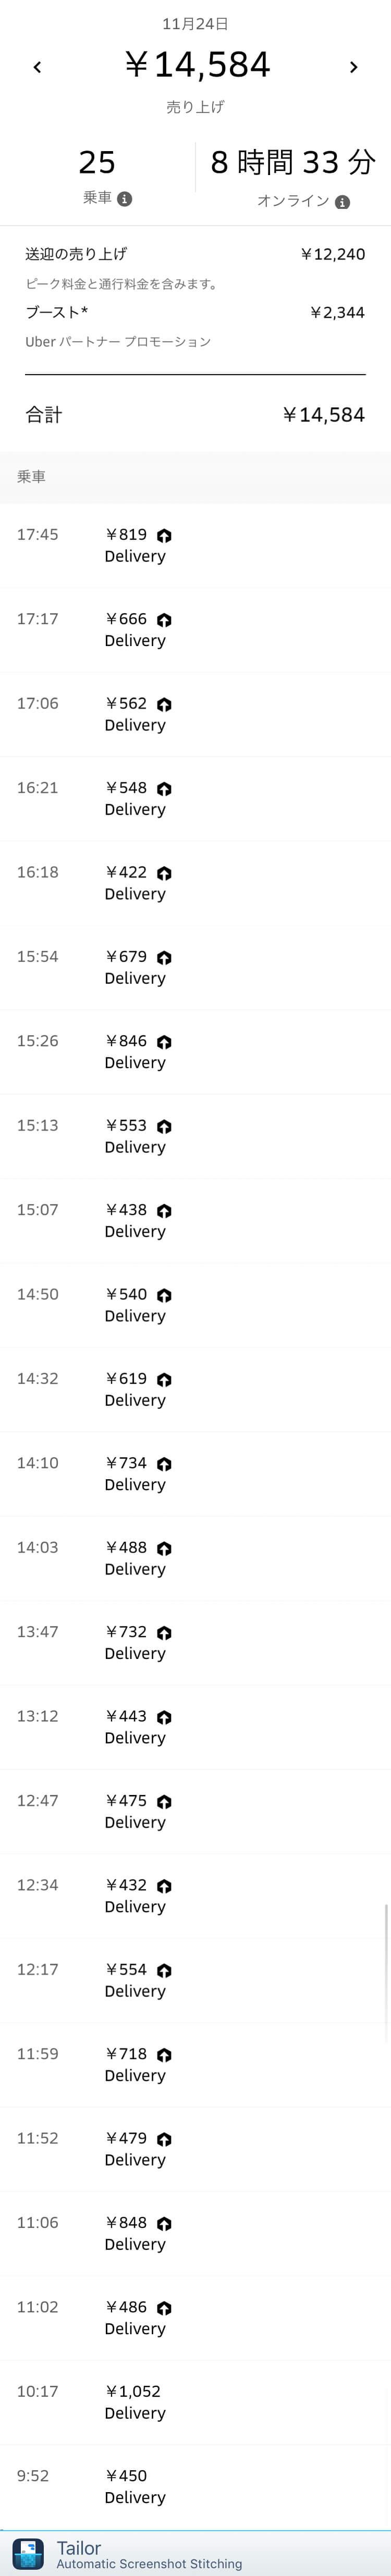 Uber Eats11月24日の配達数字